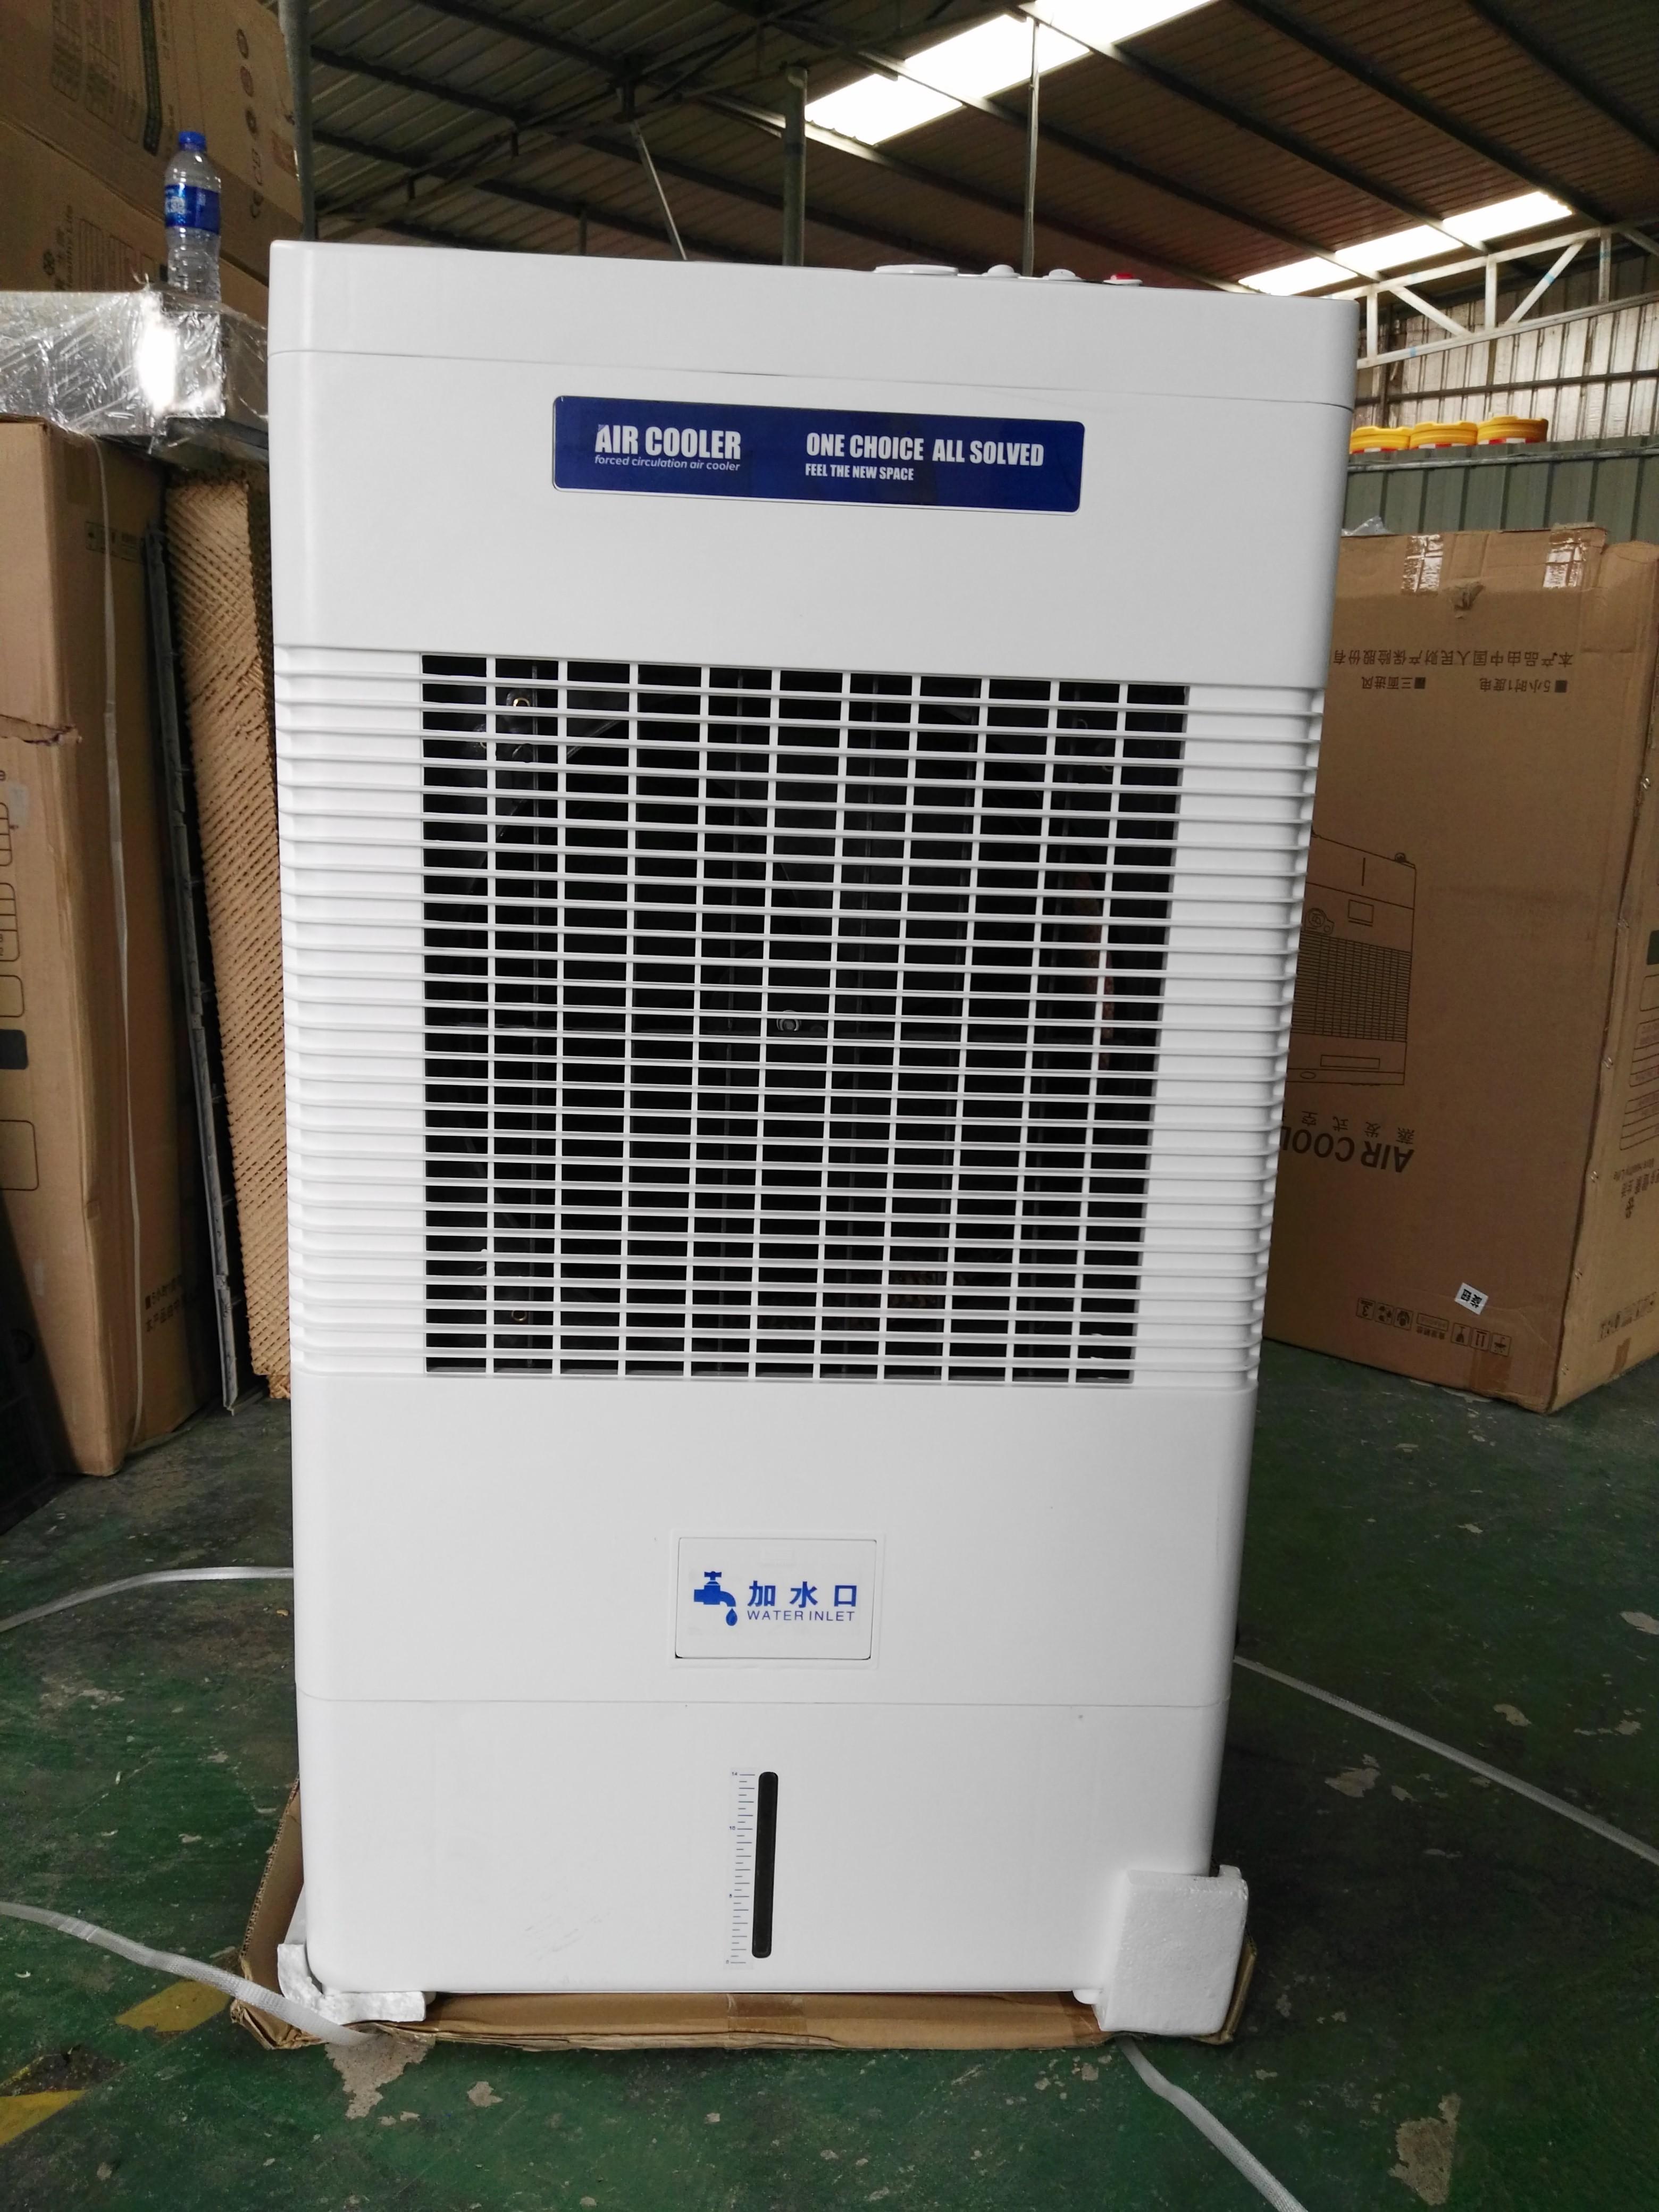 5000 αέρα κινητά συστήματα κλιματισμού και ψύξης φαν ανεμιστήρα για οικιακή, εμπορική εξατμιστικών τηλεχειριστήριο ανεμιστήρα ψύξης